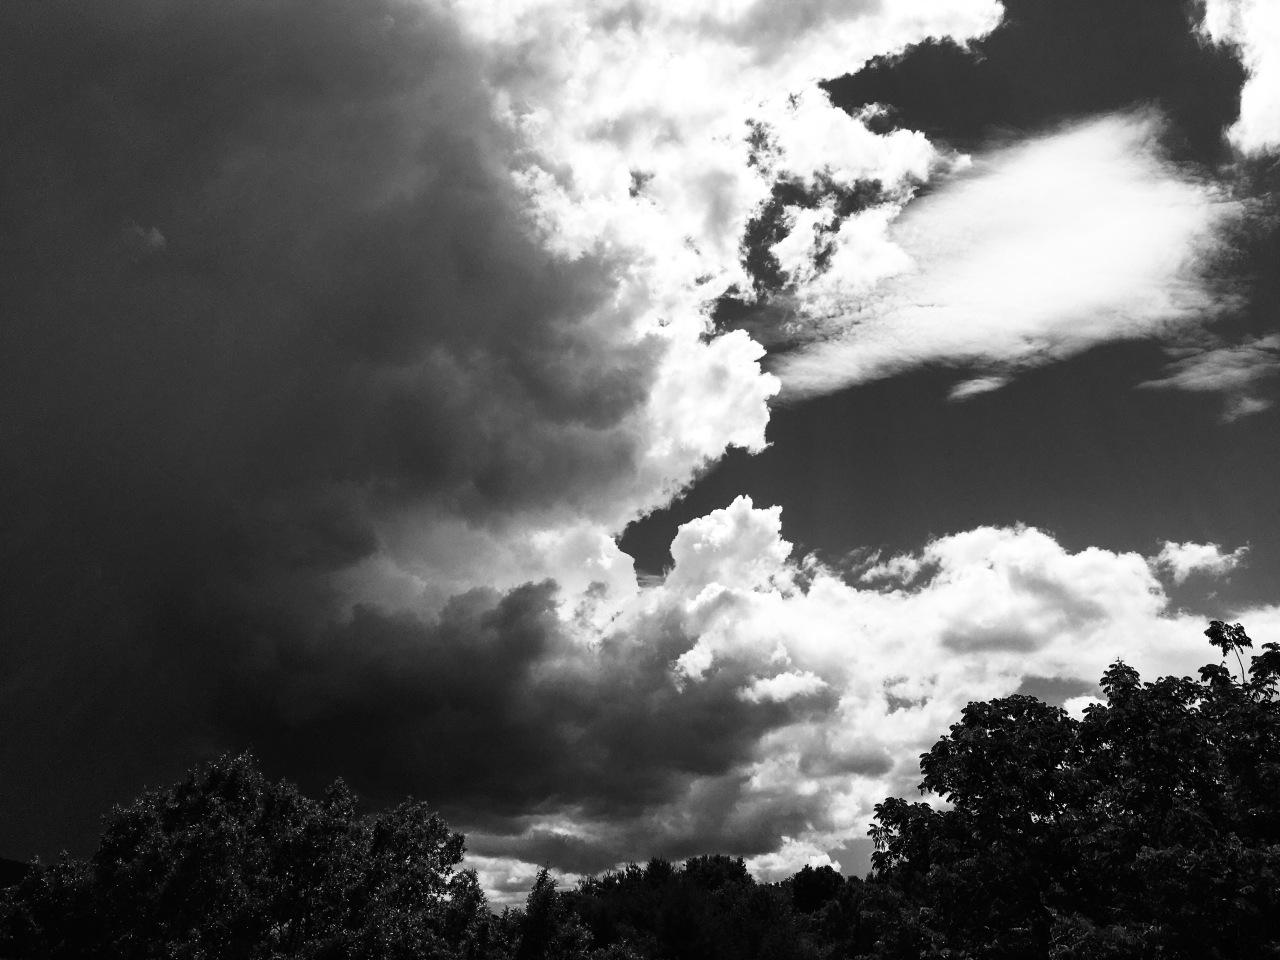 En-lightning